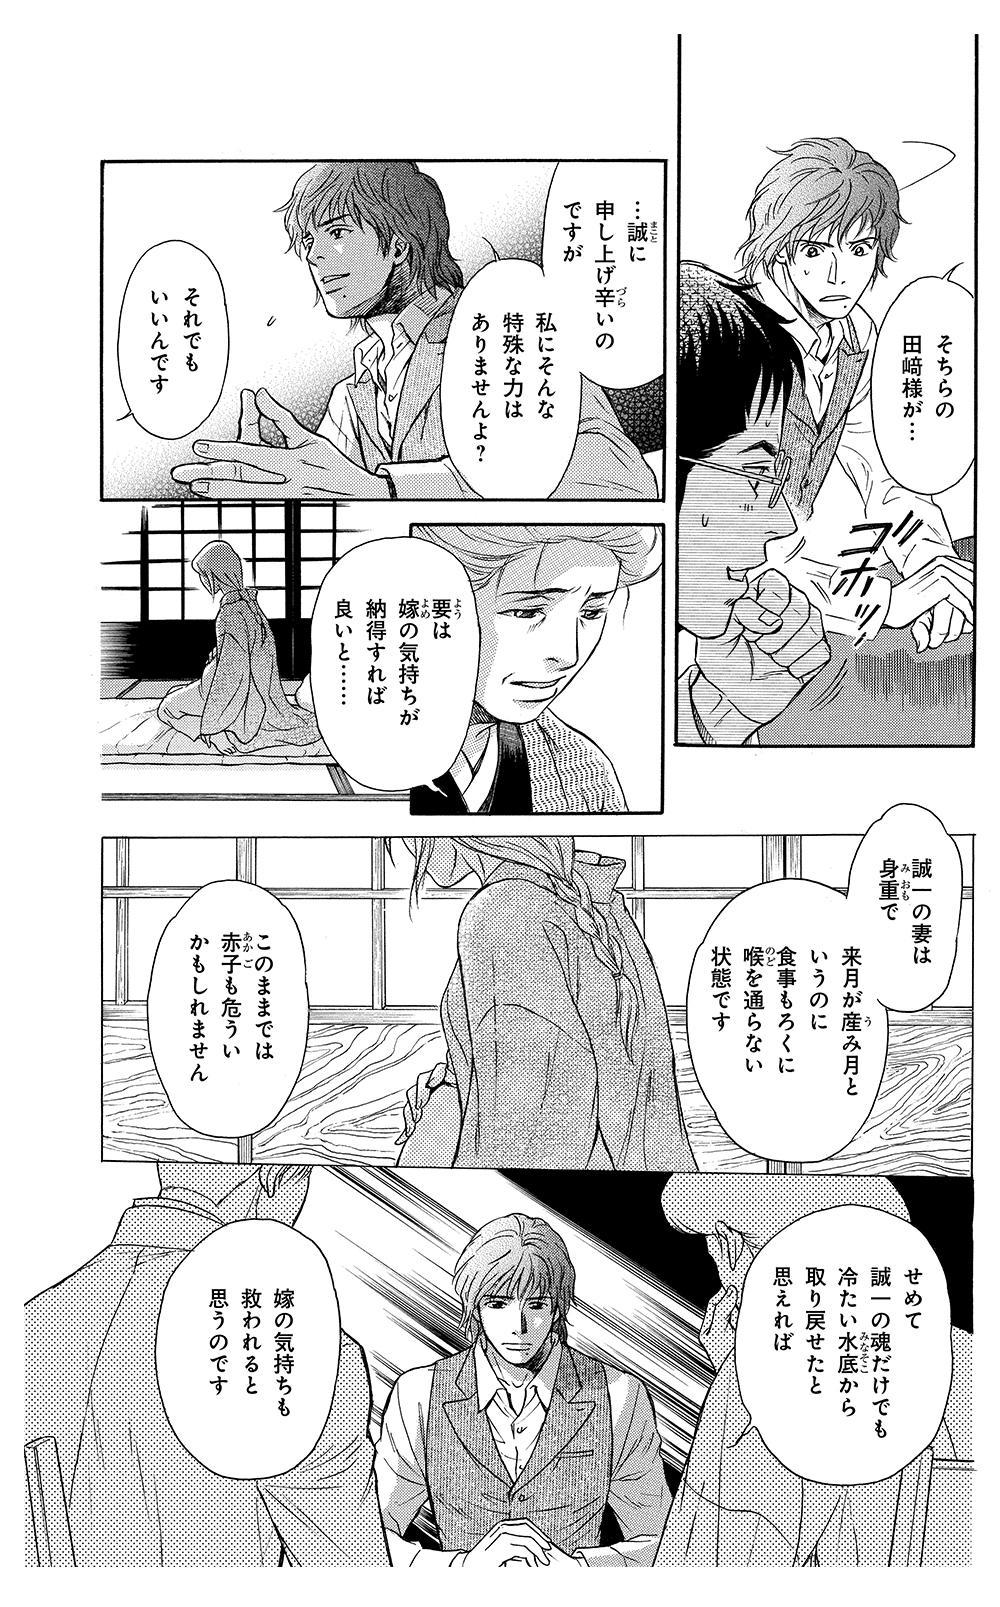 鵼の絵師 第1話「鵼の絵師」①nue-1-09.jpg